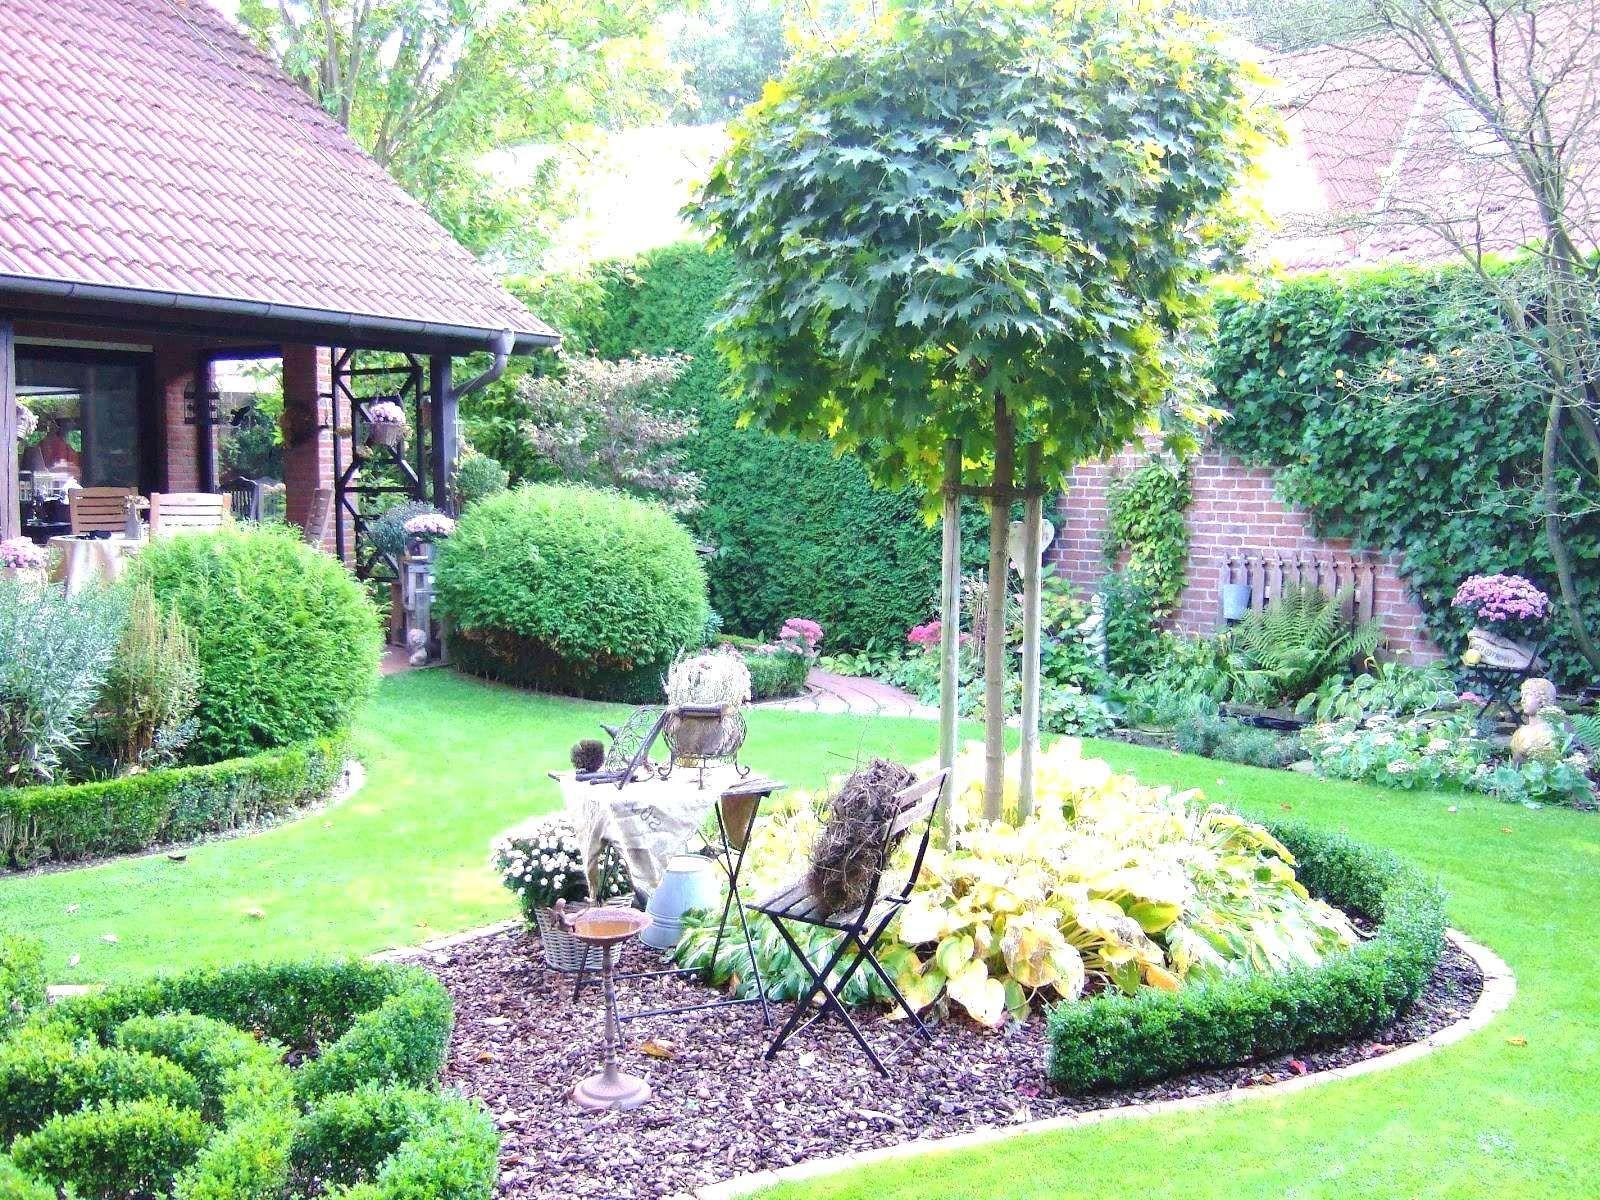 Mediteraner Garten Frisch Garten Ideas Garten Anlegen Inspirational Aussenleuchten